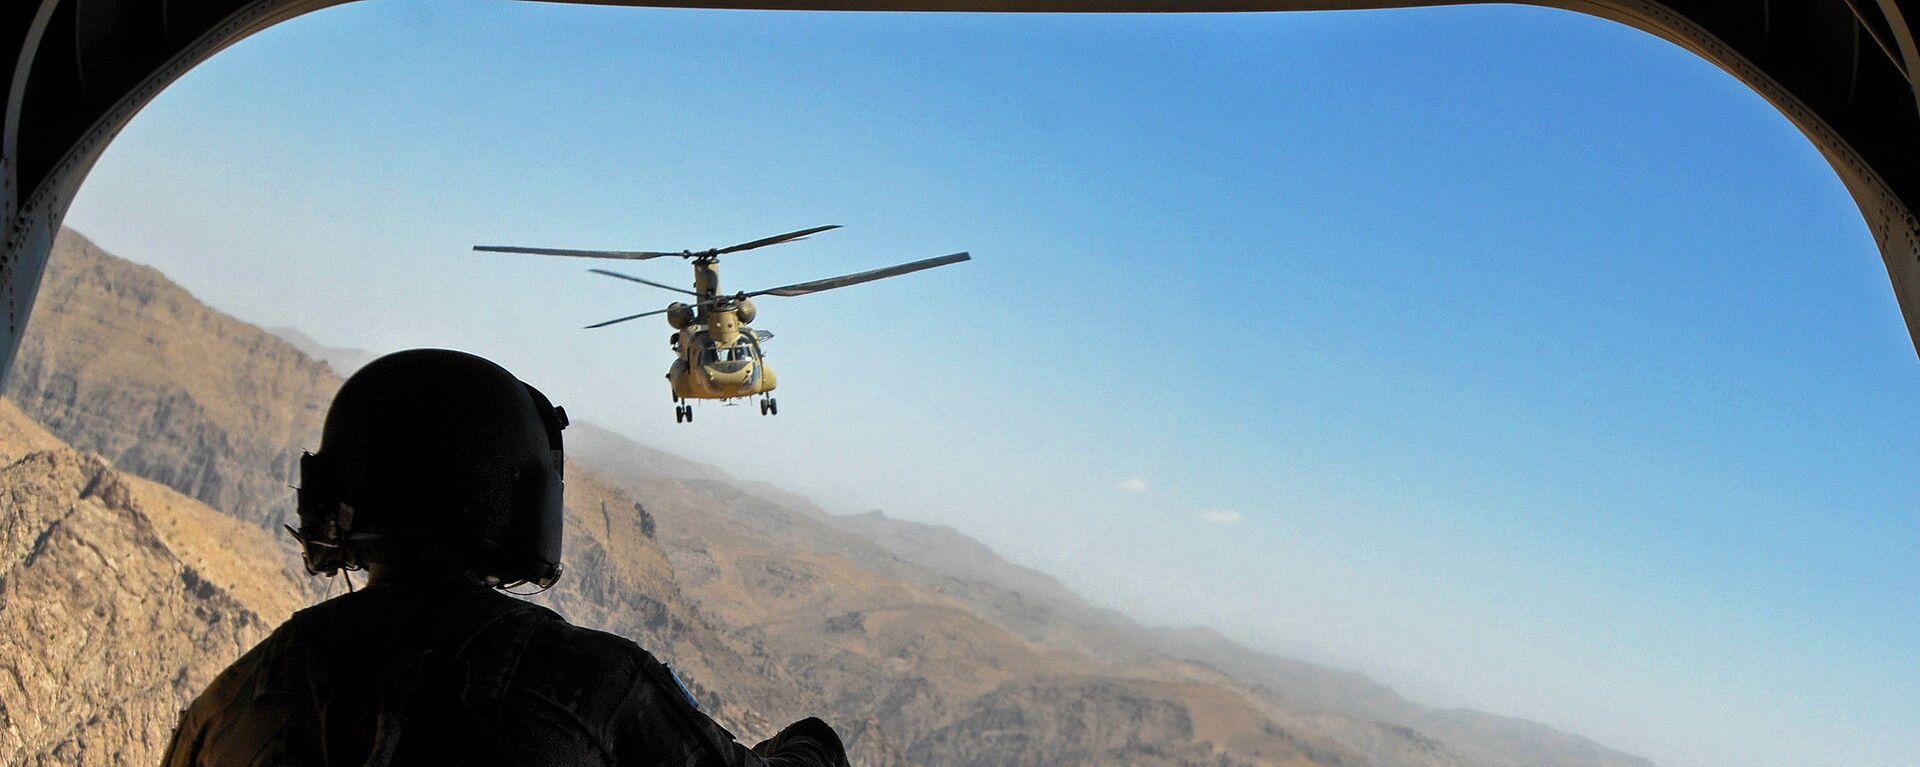 Американские военные в Афганистане - Sputnik Таджикистан, 1920, 27.03.2021